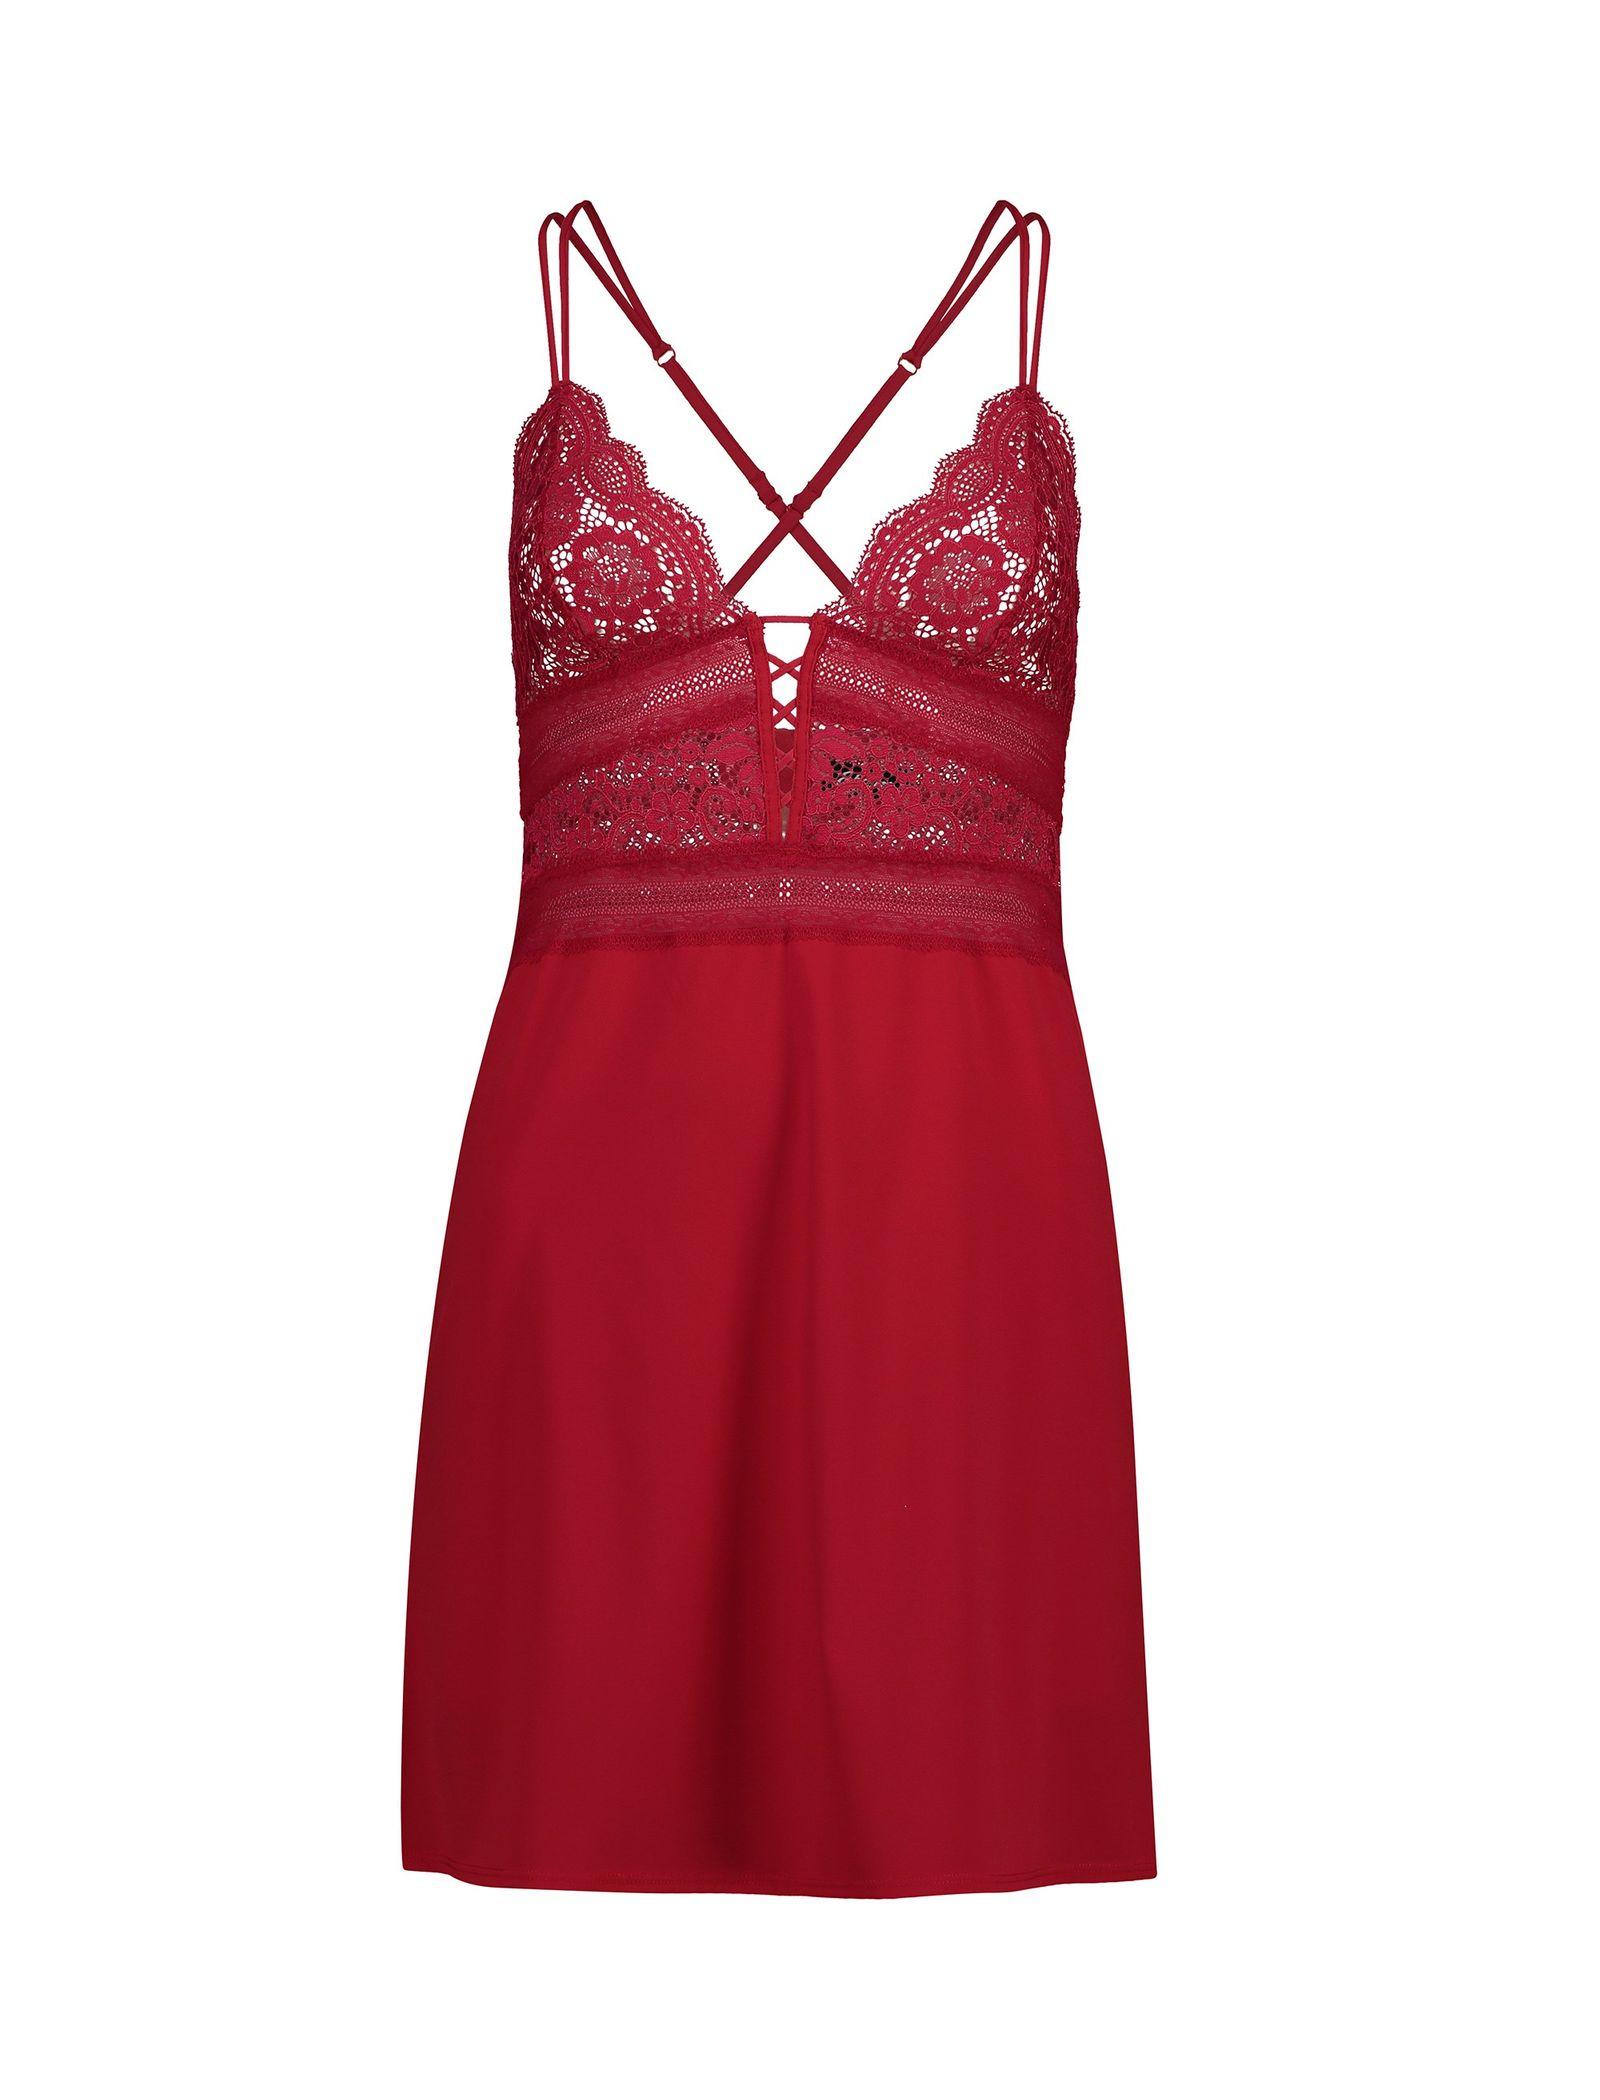 لباس خواب یک تکه زنانه - اتام - قرمز - 1